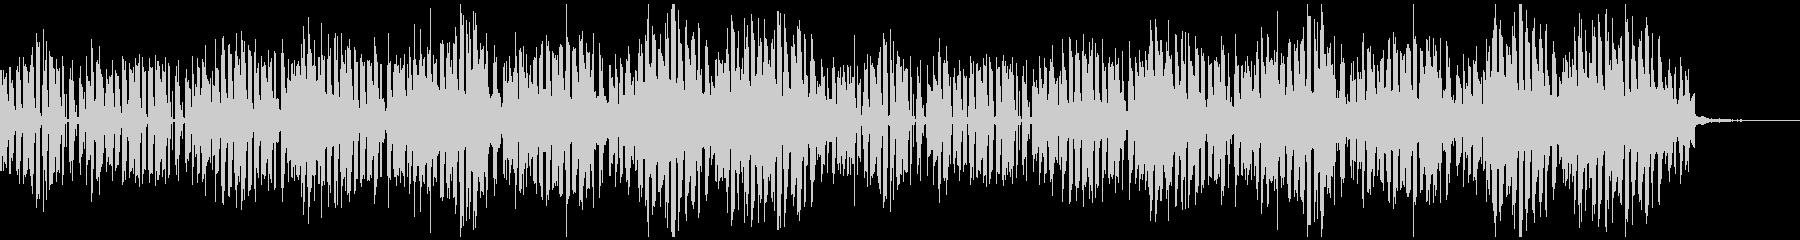 ミステリアスなエレクトロミュージックの未再生の波形